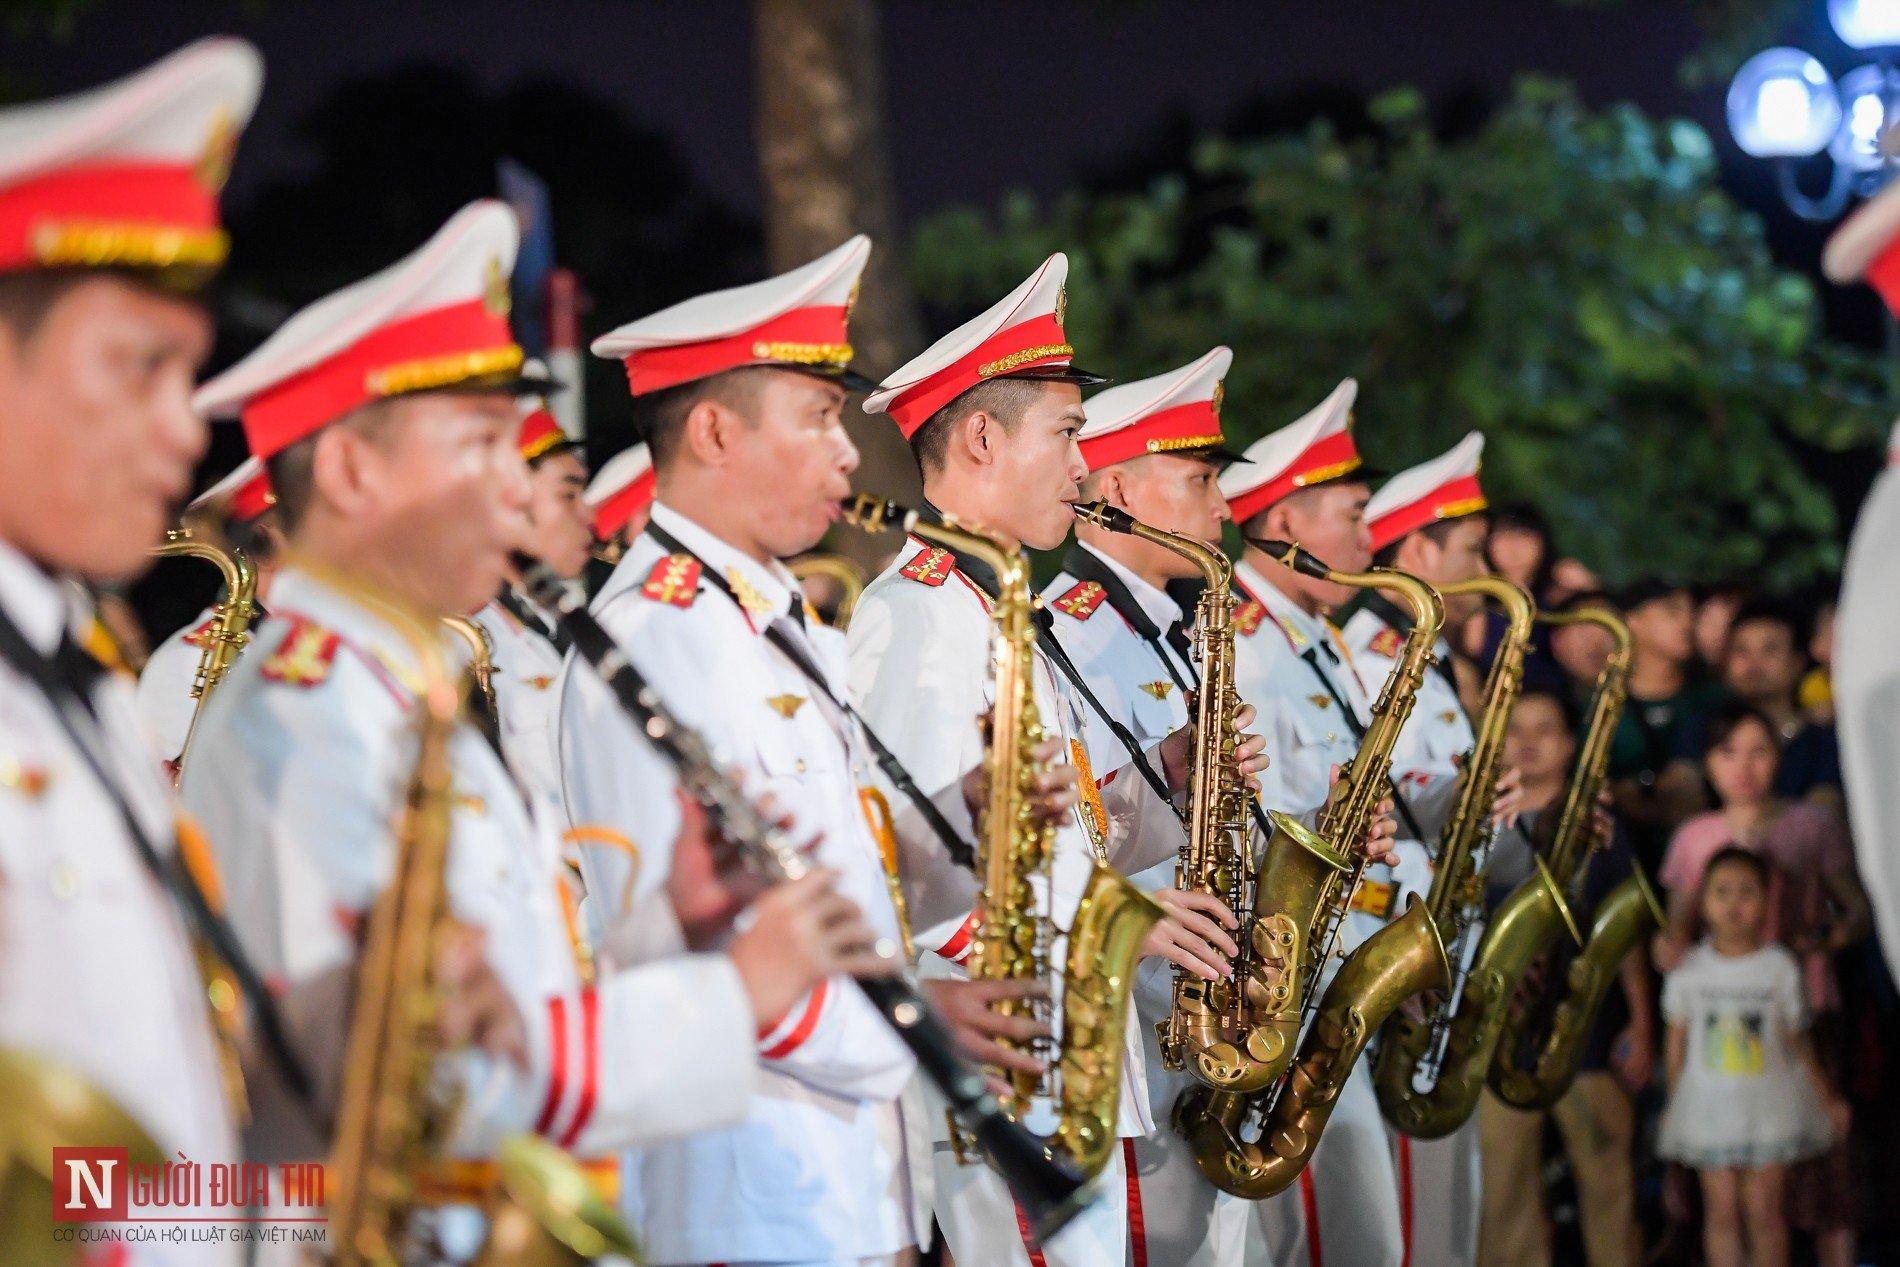 Đoàn nghi lễ Công an Nhân dân lần đầu tiên diểu diễn tại phố đi bộ hồ Hoàn Kiếm 6